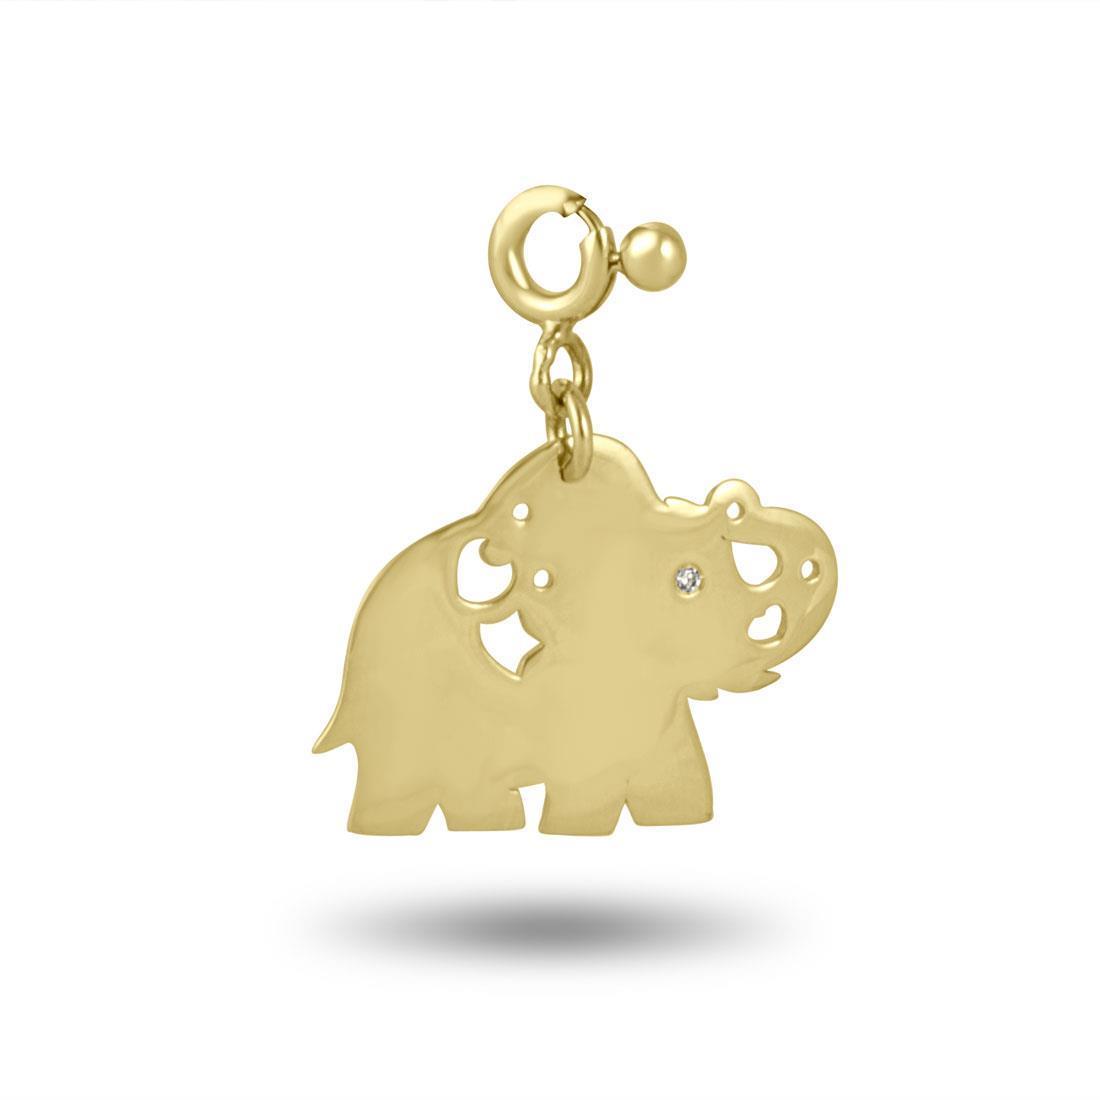 Ciondolo in oro giallo, design elefante - PASQUALE BRUNI